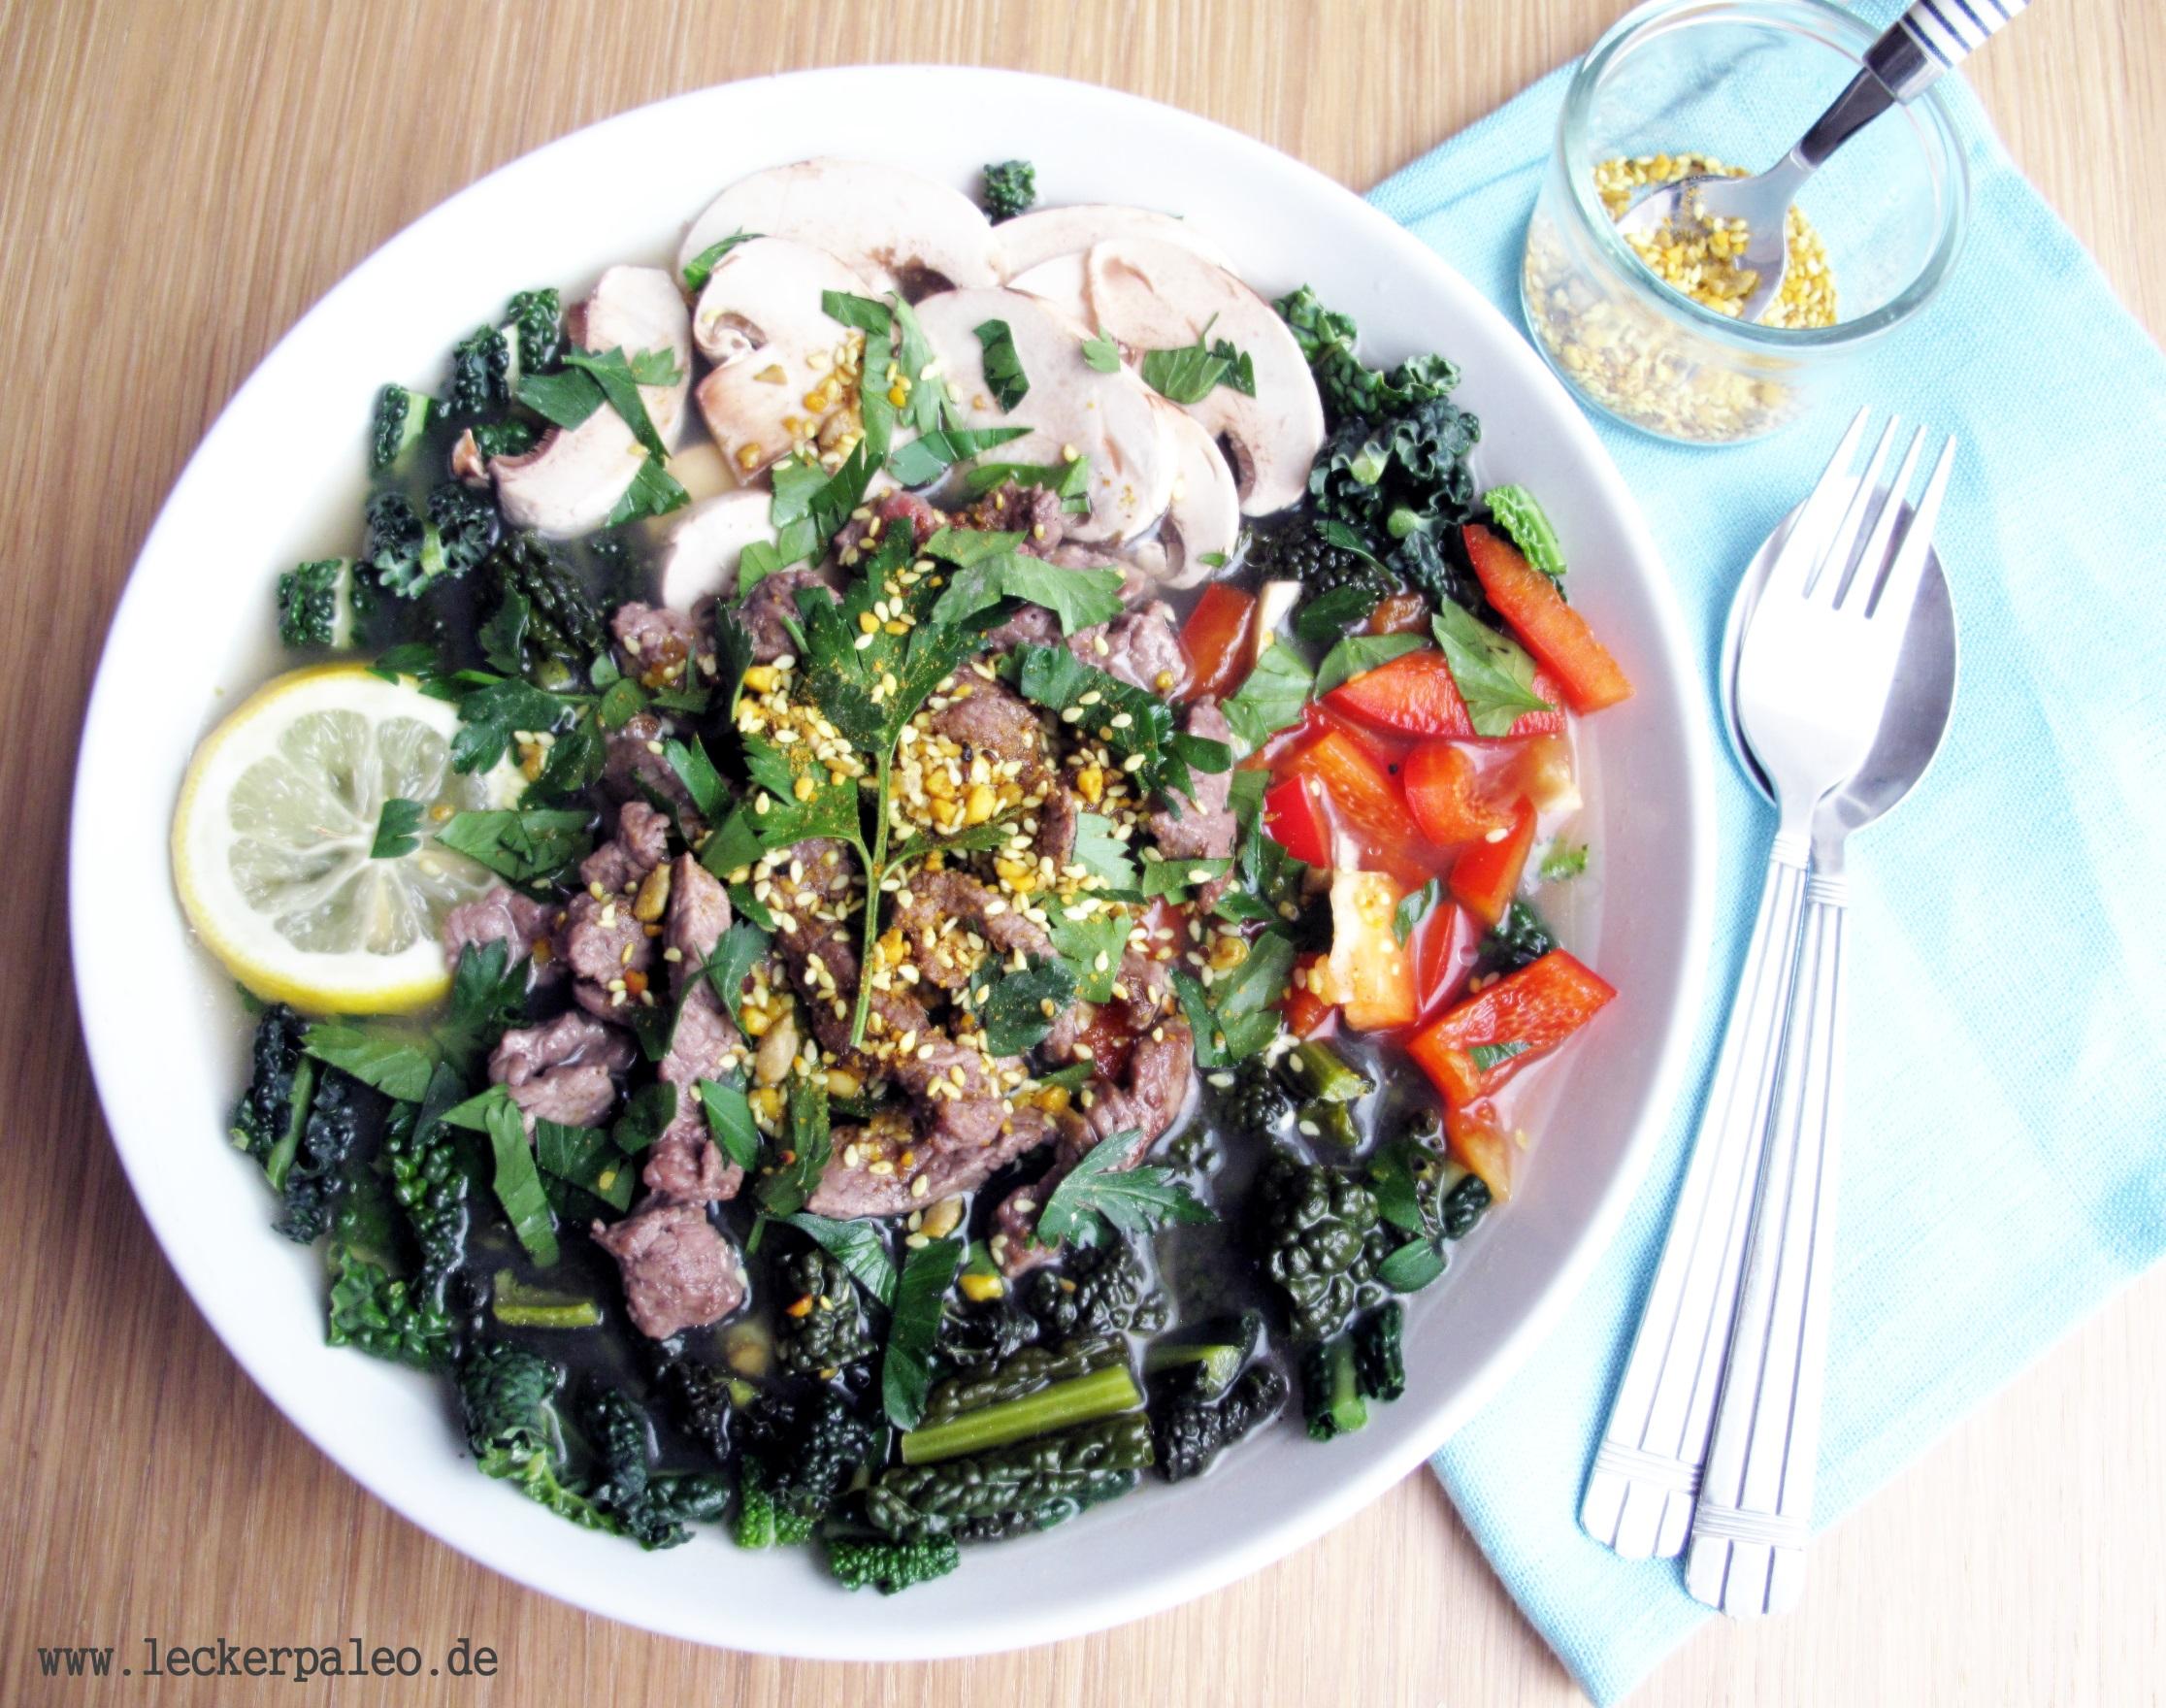 Wärmende und gesunde Gemüsesuppe mit Rinderbrühe, ideal wenn's schnell gehen muss.